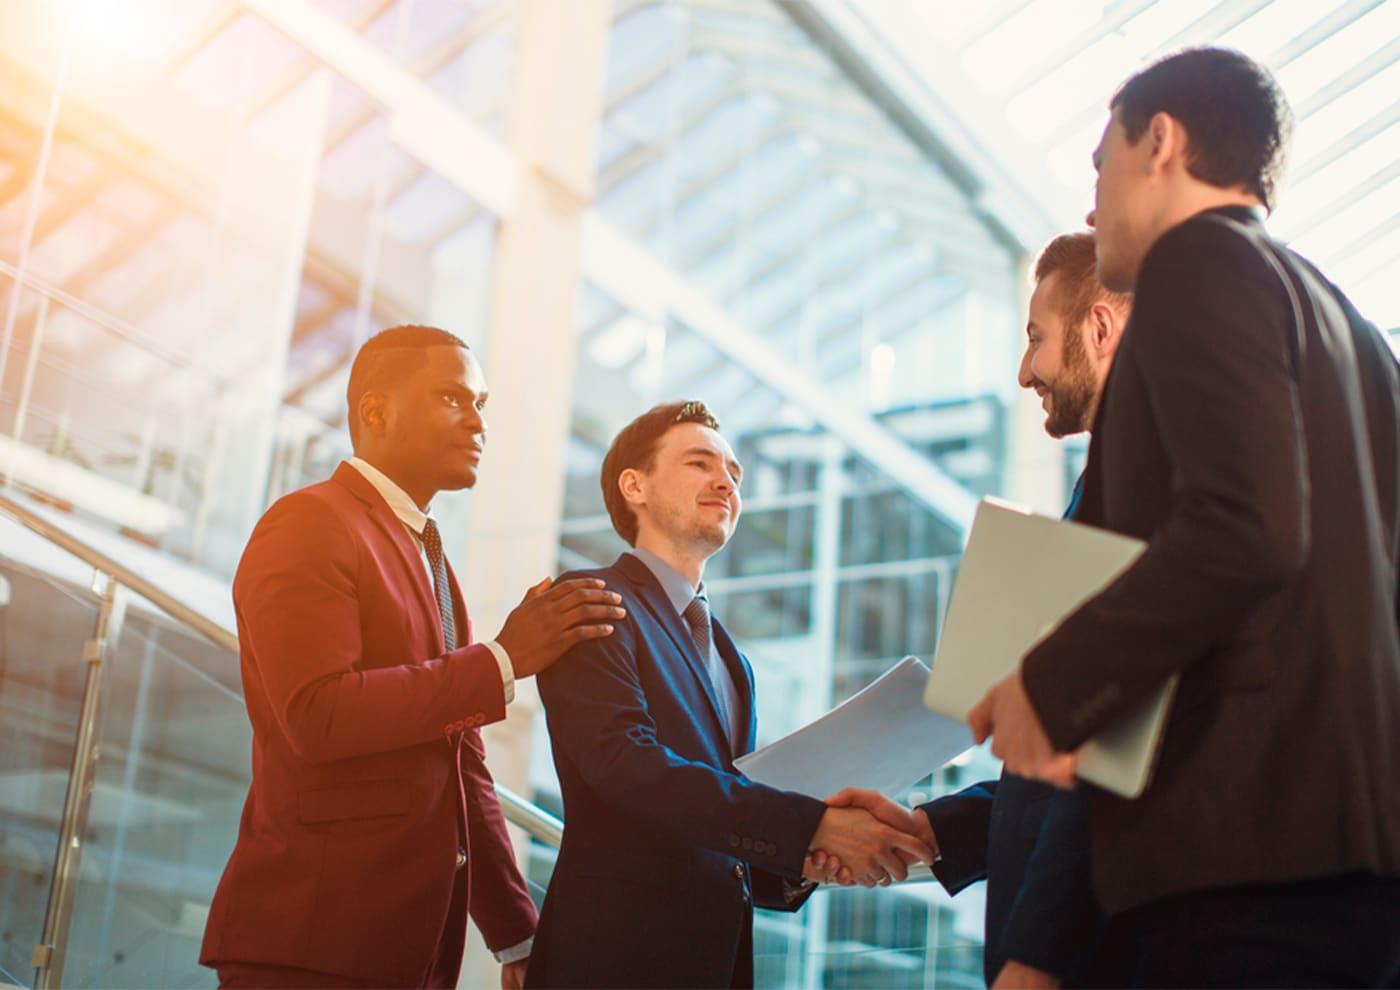 ¿Cuáles son las normas generales del código de ética profesional?